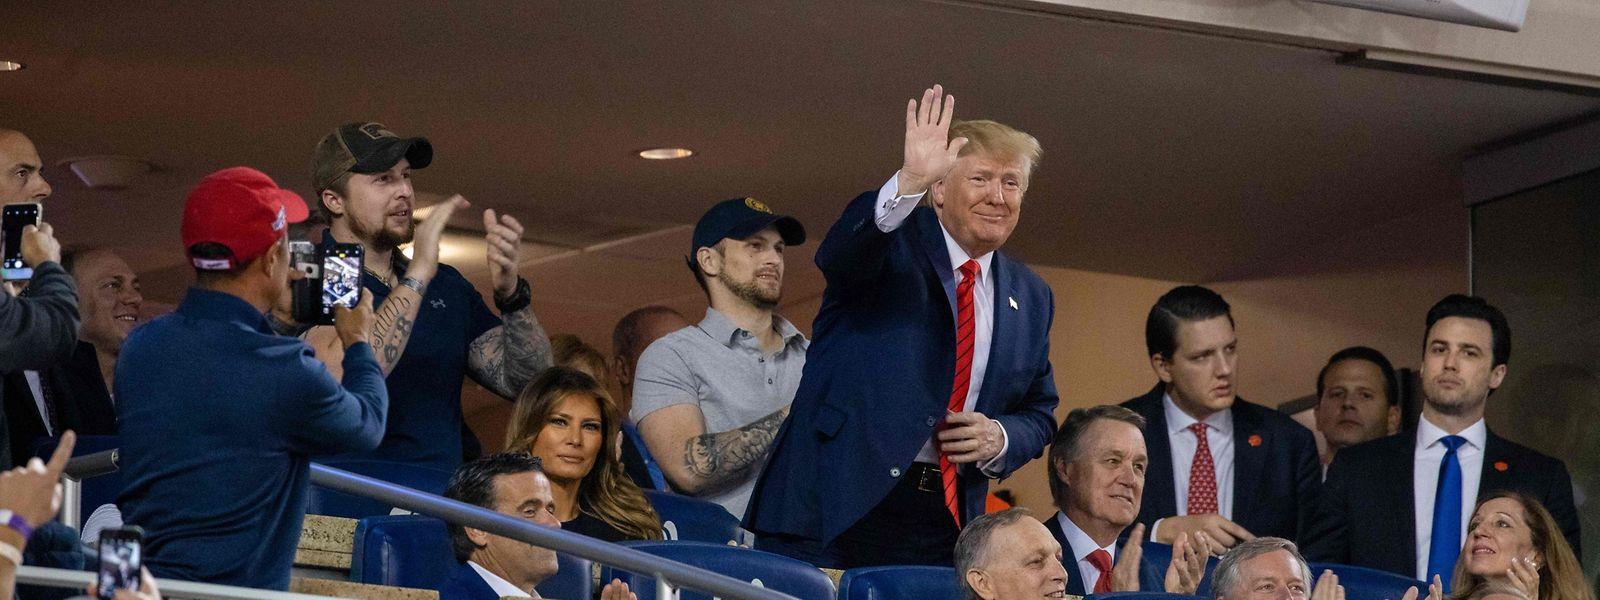 Nicht alles eitel Sonnenschein: Donald Trump (M.) wurde im Baseball-Stadion hörbar ausgebuht.